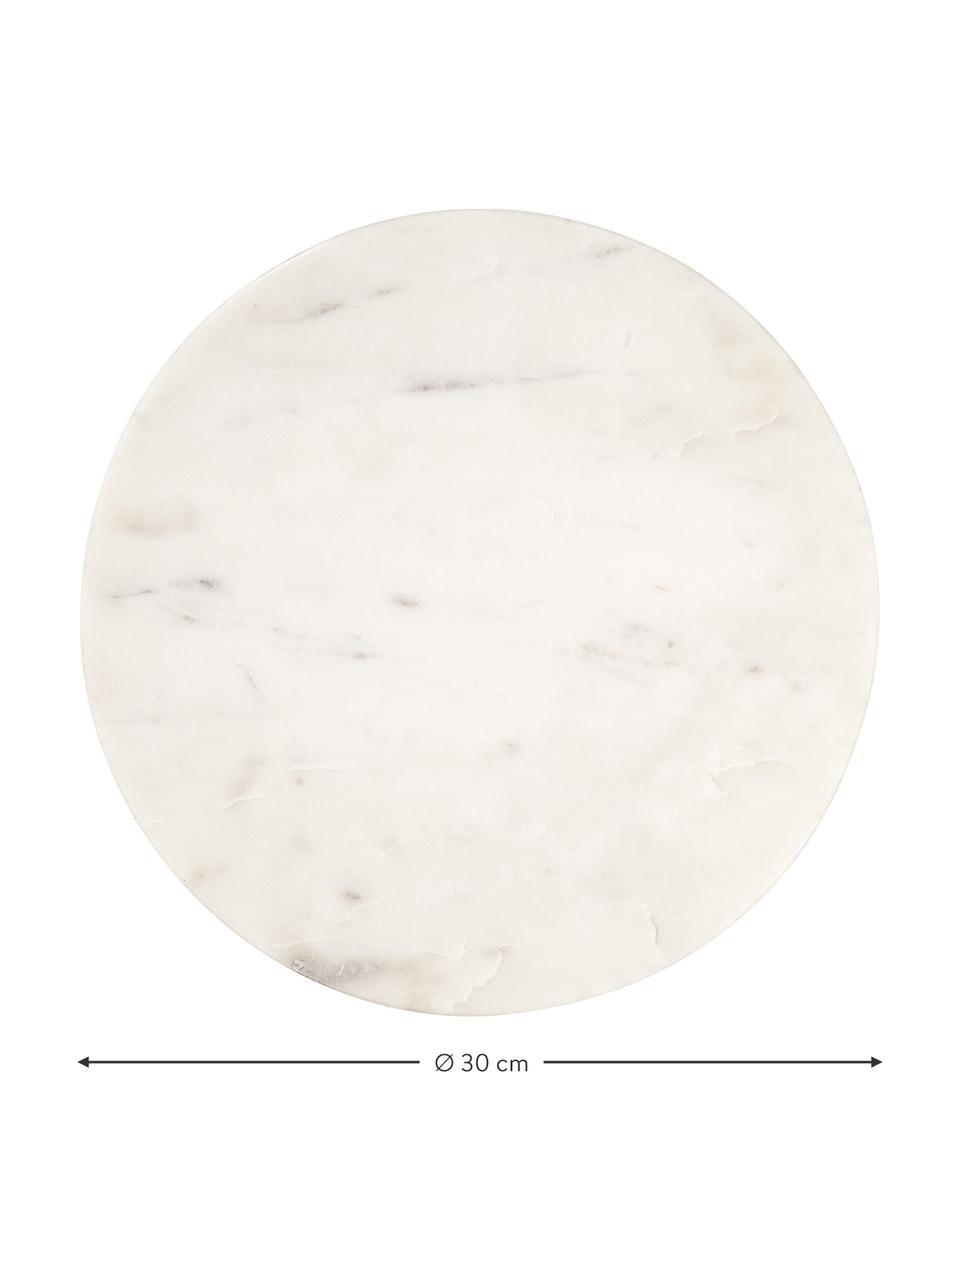 Mramorový servírovací talíř Minu, Ø 30 cm, Bílá